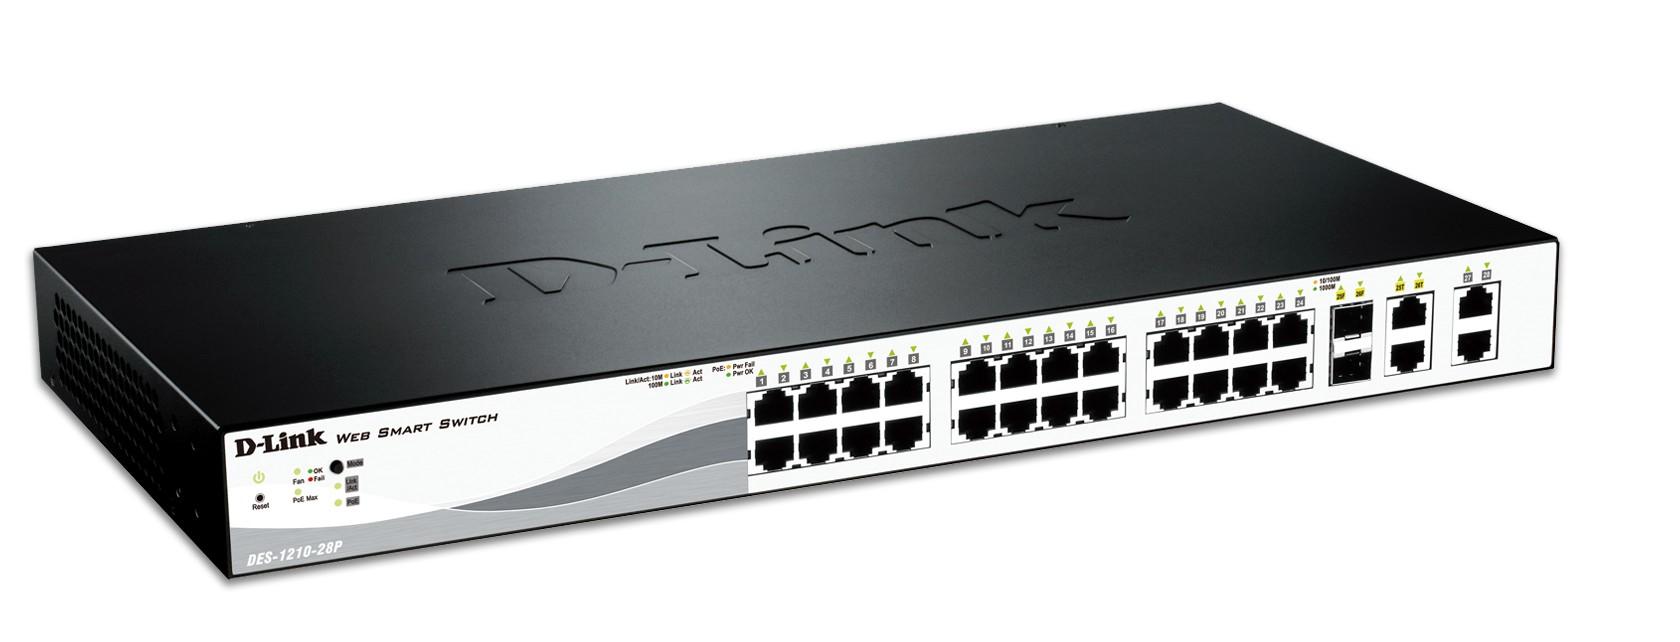 D-Link DES-1210-28P network switch